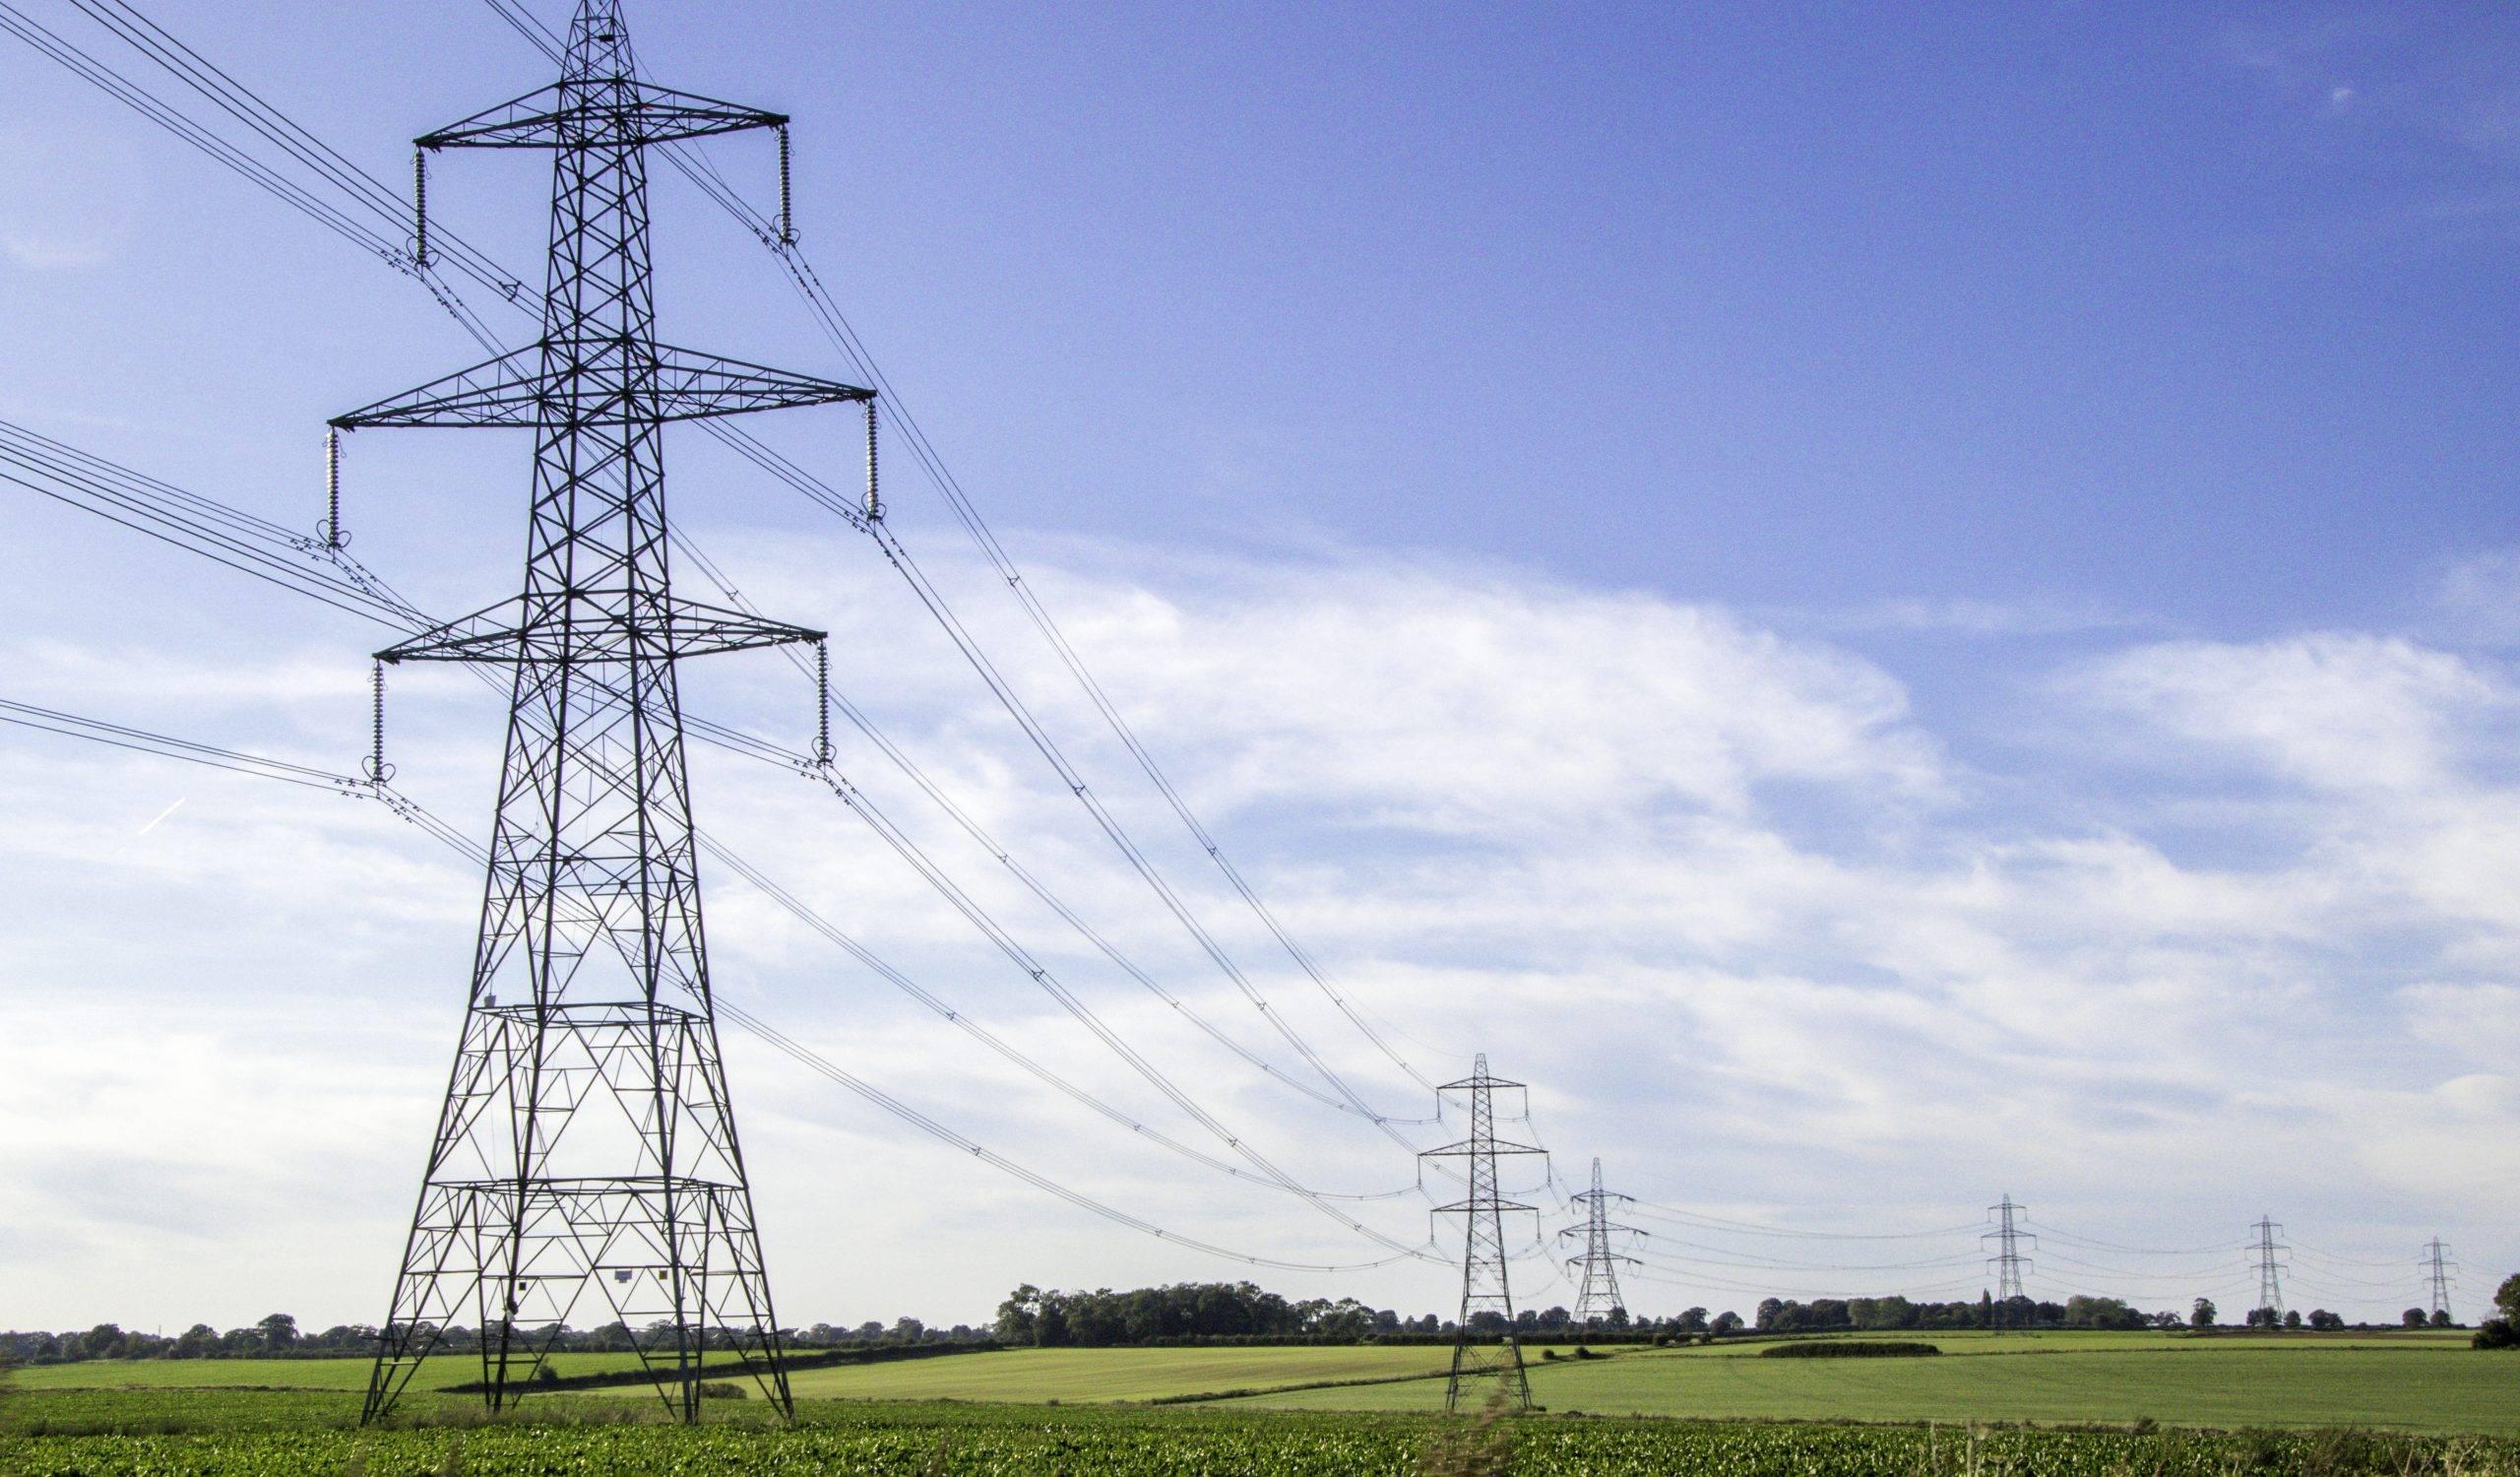 Energieversorgungsindustrie